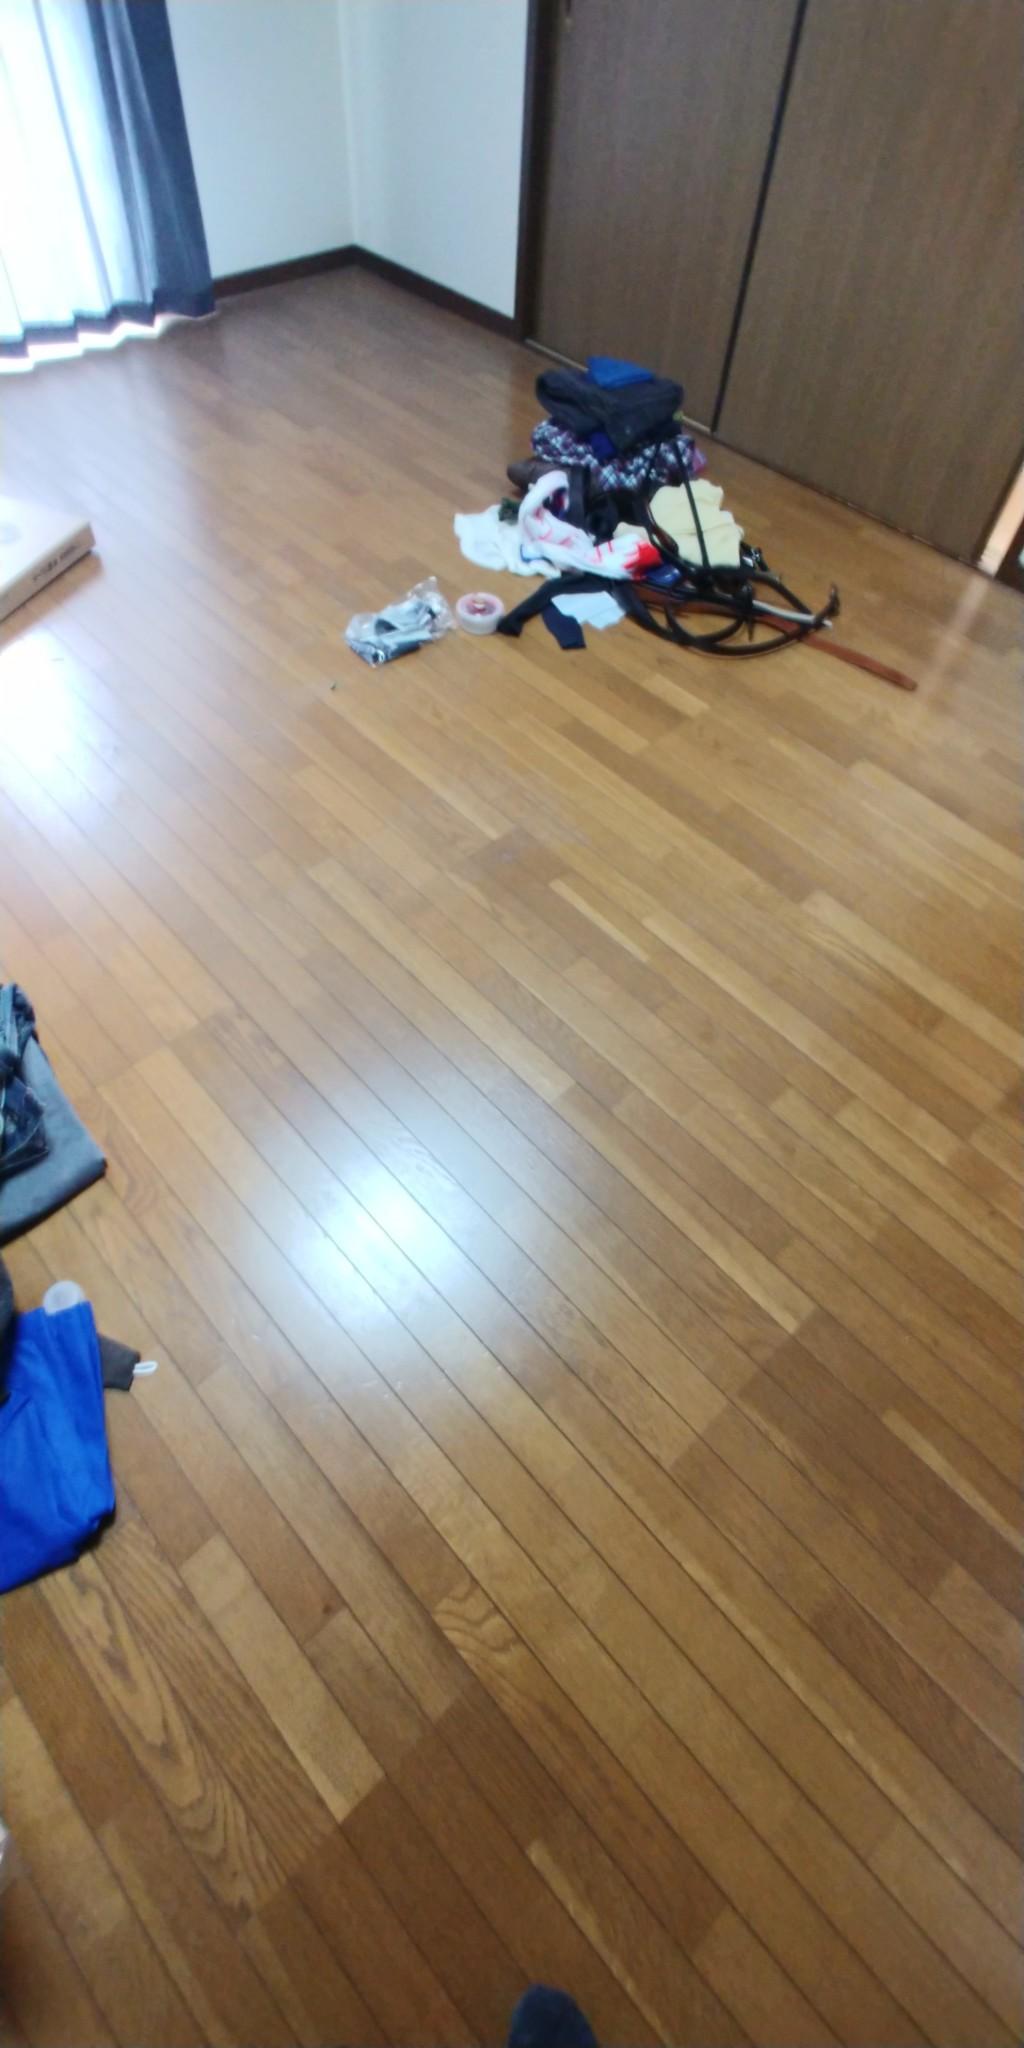 【富山市花園町】ソファの回収☆見積もりどおりの金額で安心して回収してもらえたとご満足いただけました!